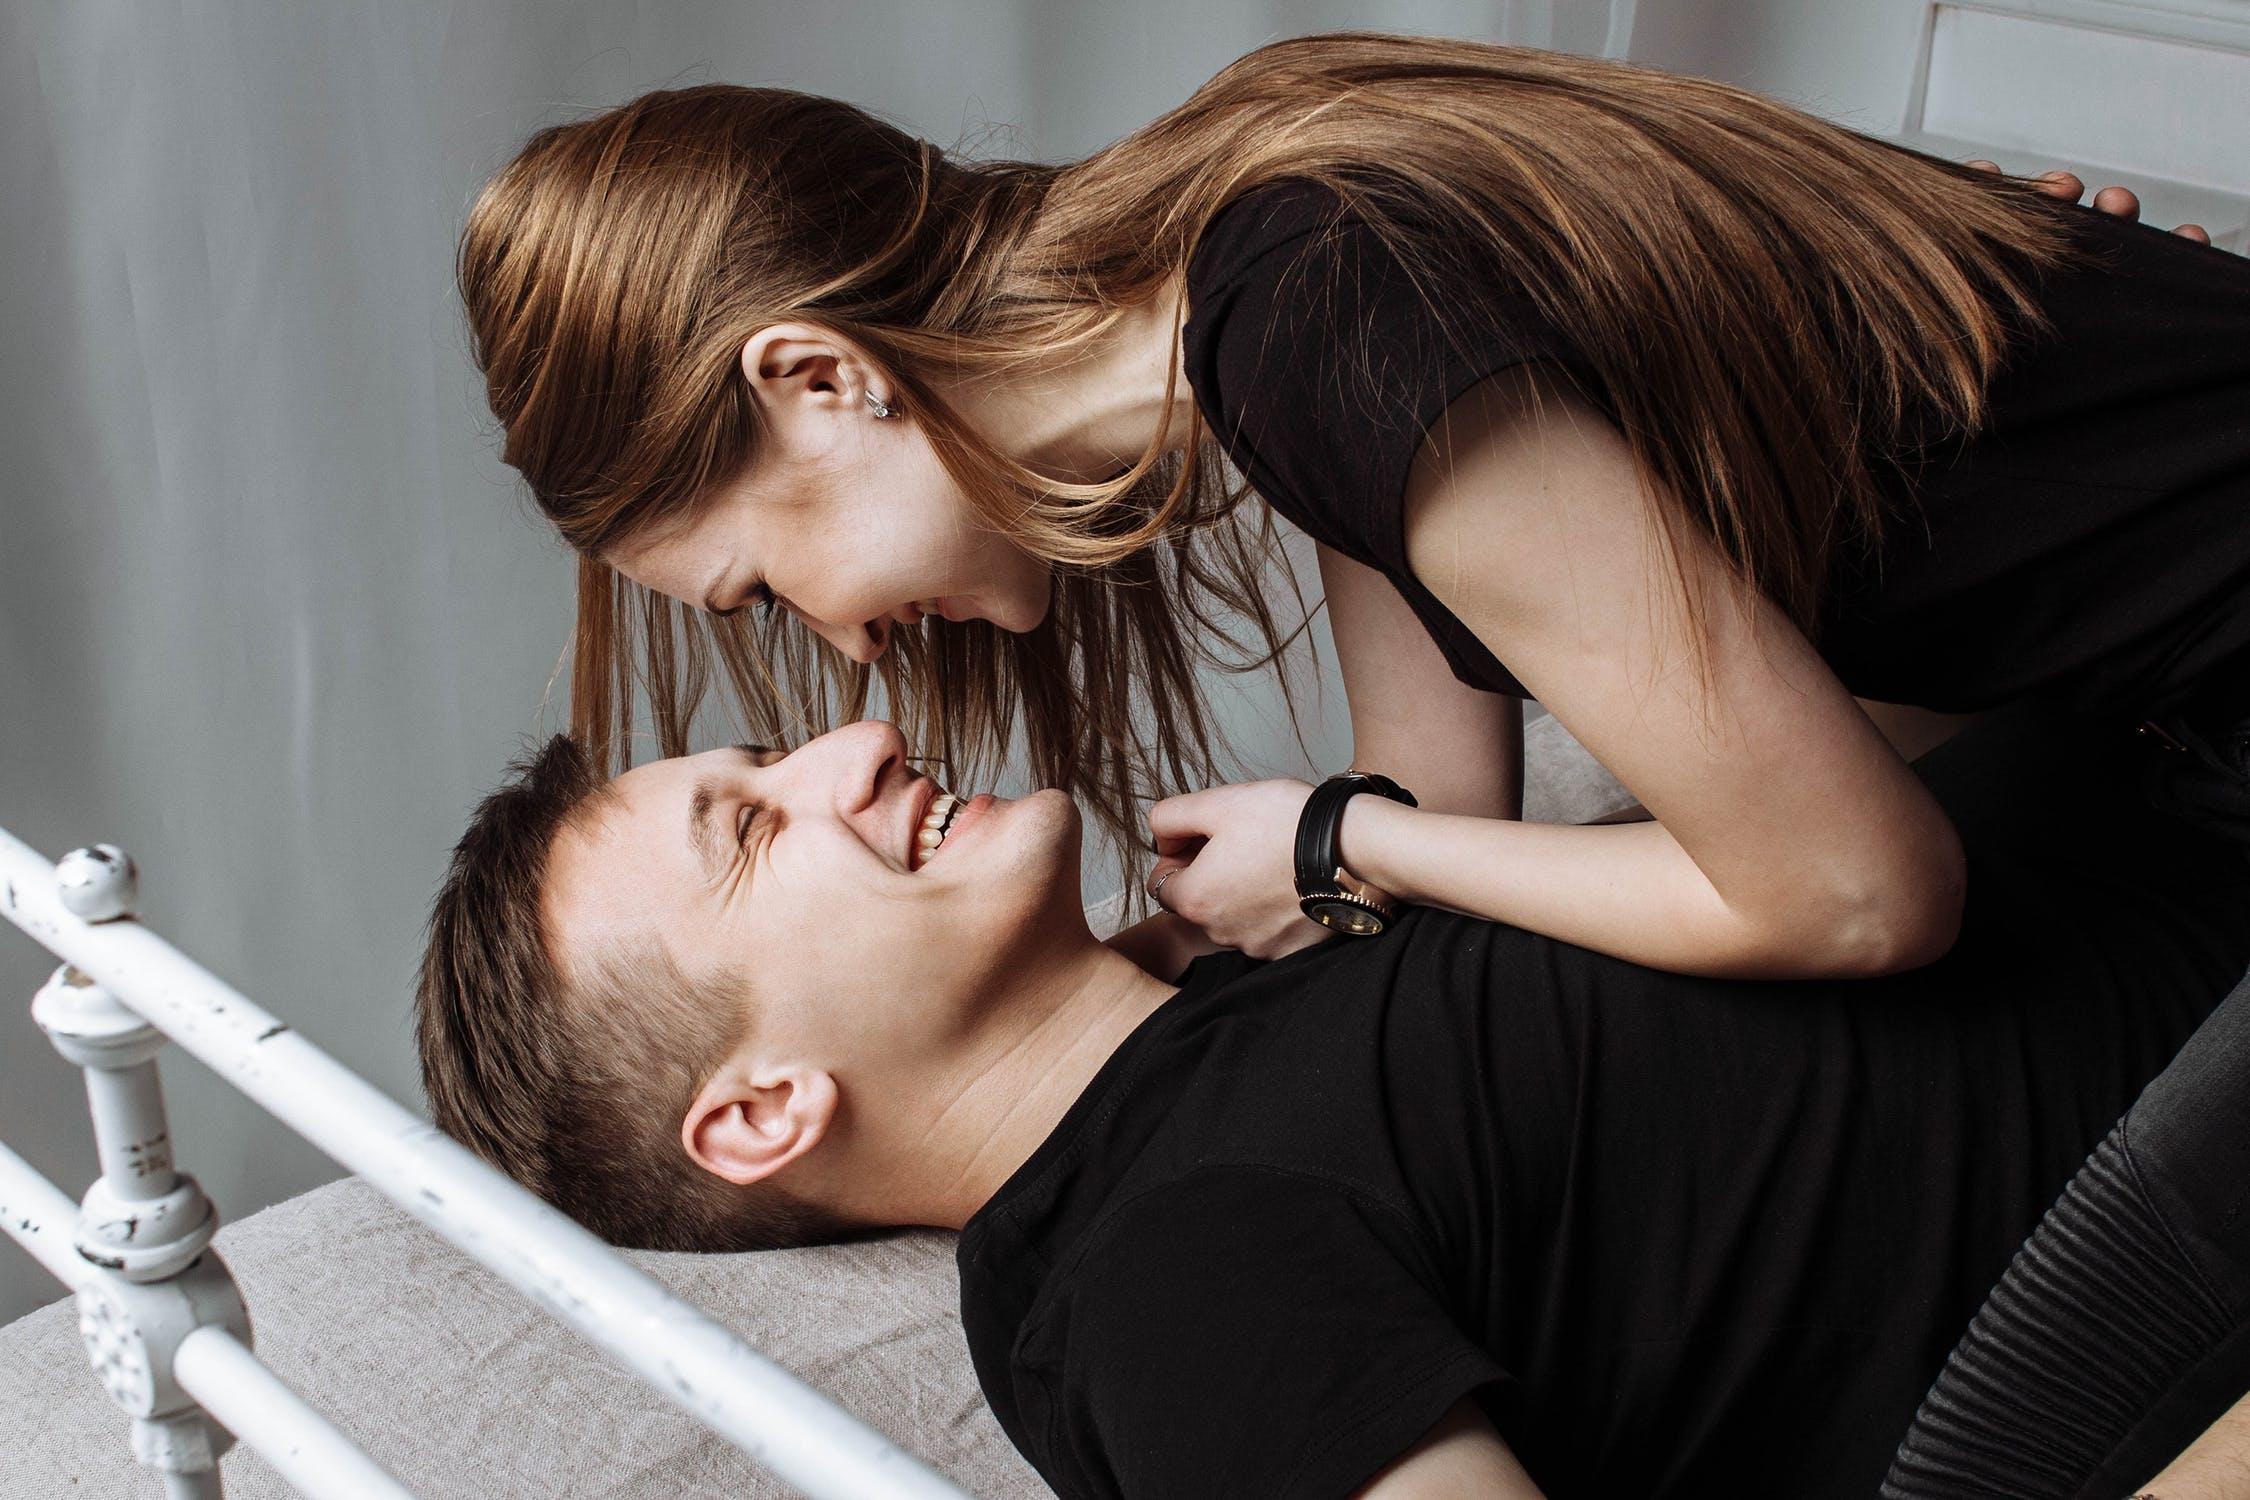 नात्यात जेव्हा भांडण होतं तेव्हा प्रेमाची खरी किंमत कळते. आयुष्यातील या गोड- कटू आठवणीच प्रेम ताजतवानं ठेवायला मदत करतात. आज आम्ही तुम्हाला पार्टनरसोबत भांडणाचे फायदे सांगणार आहोत...